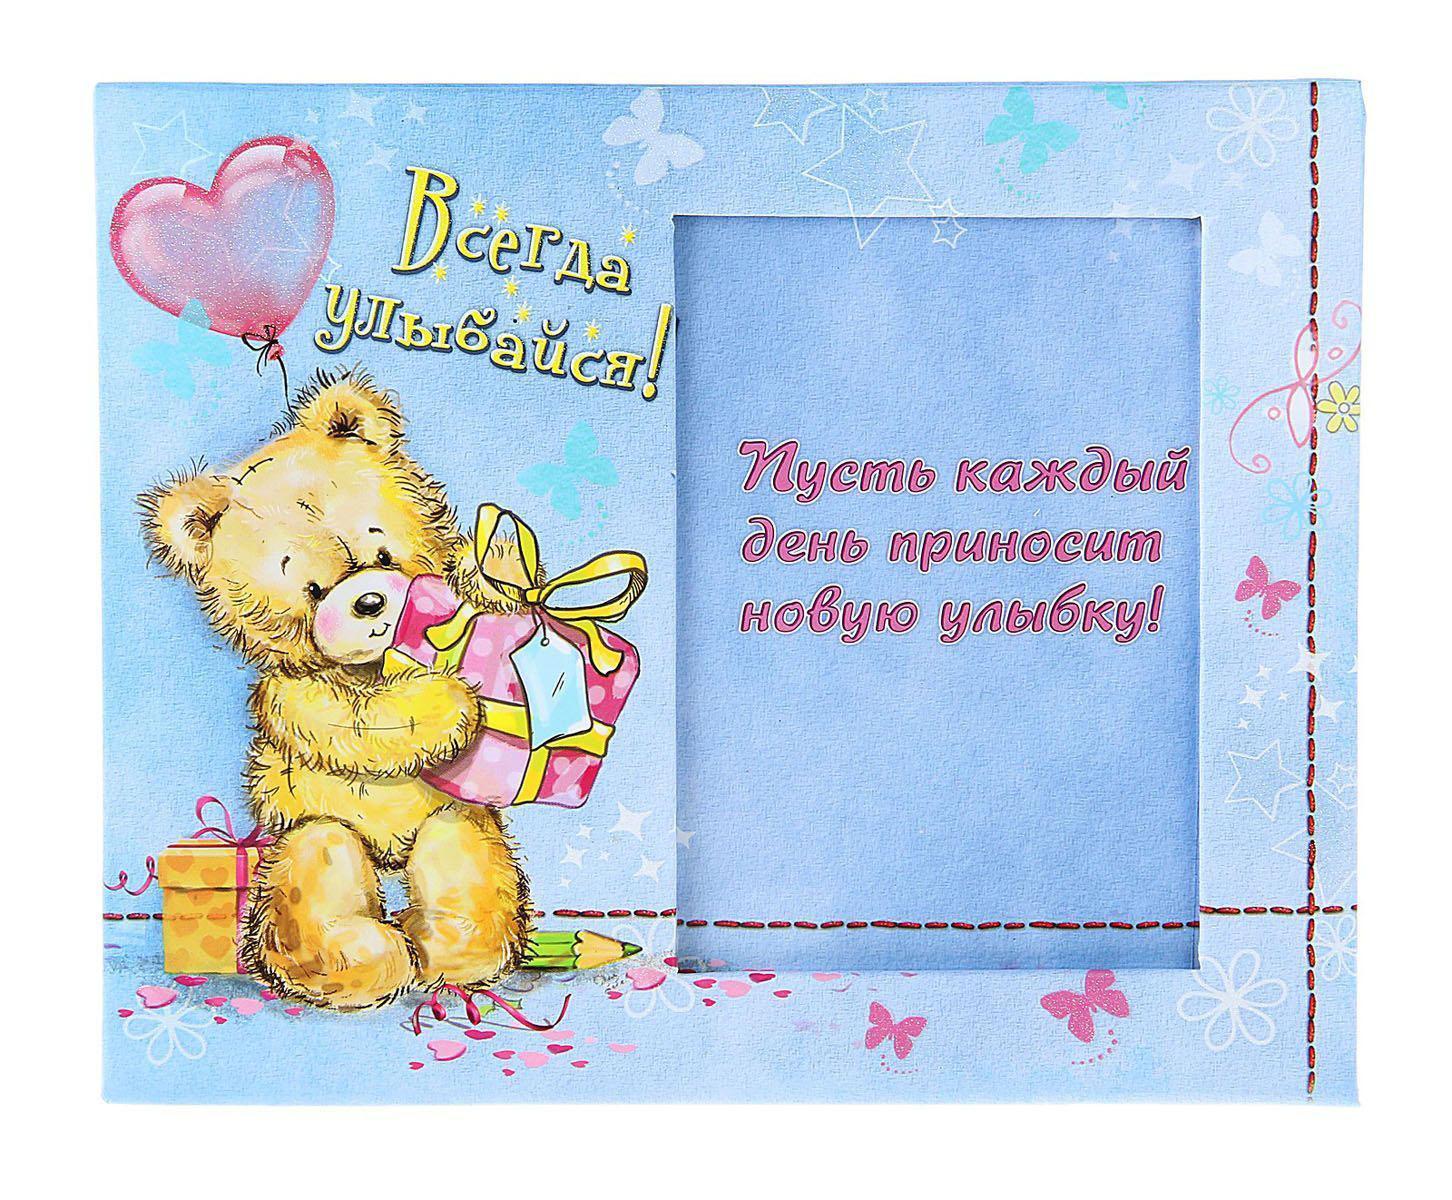 Фоторамка Sima-land Всегда улыбайся!, 8,5 х 12,5 см 66280474-0120Декоративная фоторамка Sima-land Всегда улыбайся! выполнена из картона и декорирована изображением плюшевого медведя с подарками и шариком. Рамка также оформлена надписью с пожеланиями. Обратная сторона рамки оснащена специальной ножкой, благодаря которой ее можно поставить на стол или любое другое место в доме или офисе. Такая фоторамка украсит ваш интерьер оригинальным образом, а также позволит сохранить память о дорогих вам людях и интересных событиях вашей жизни. С ней вы сможете не просто внести в интерьер своего дома элемент оригинальности, но и создать атмосферу загадочности и изысканности.